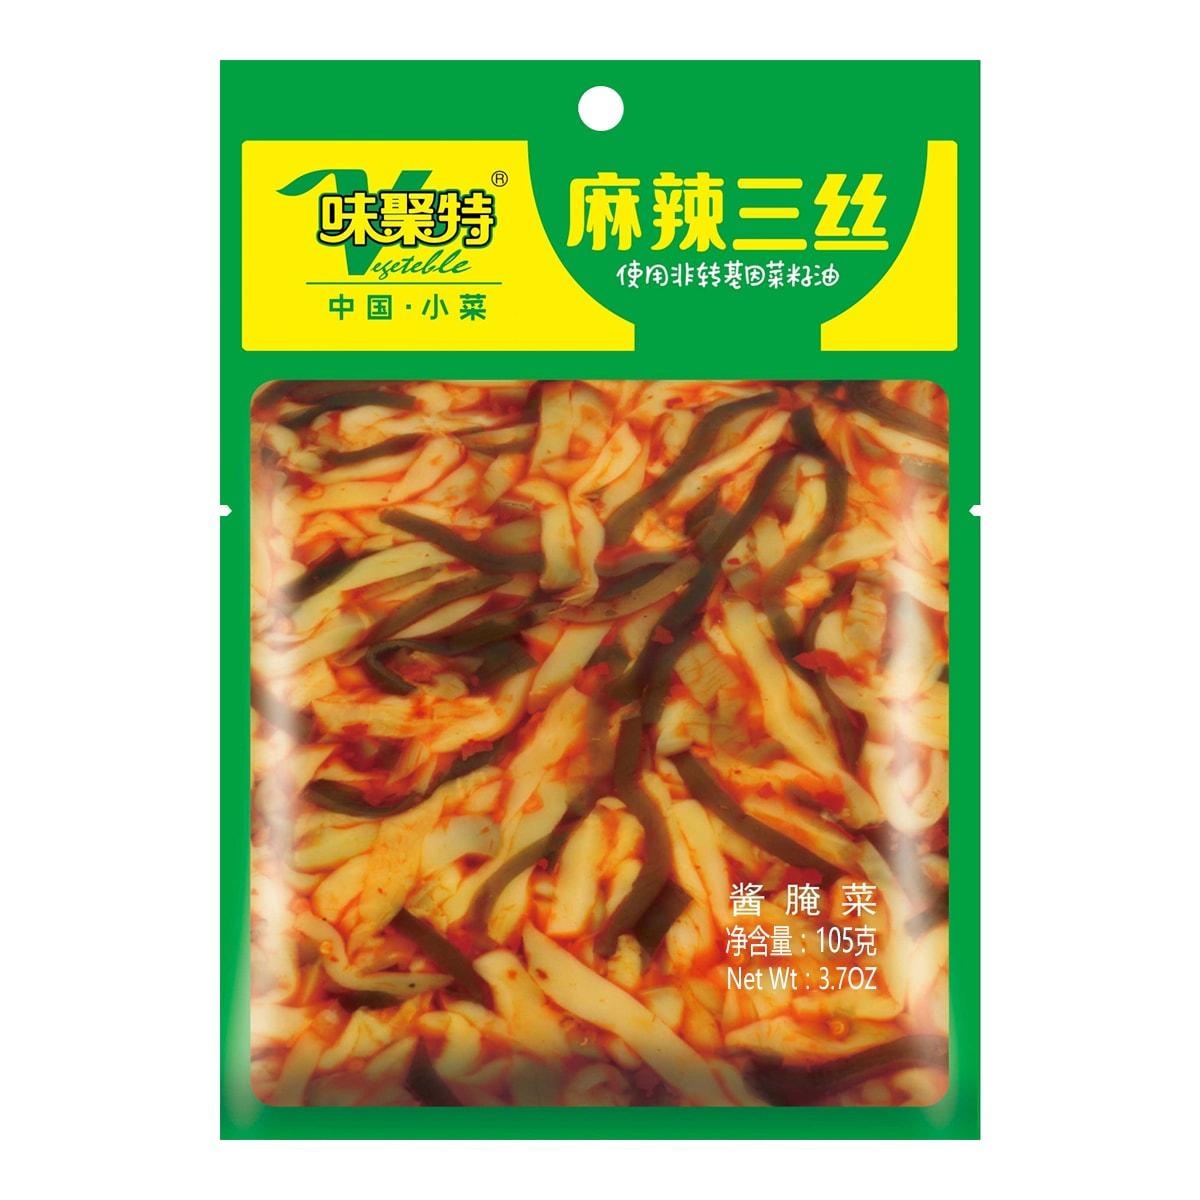 四川味聚特 麻辣三丝 105g